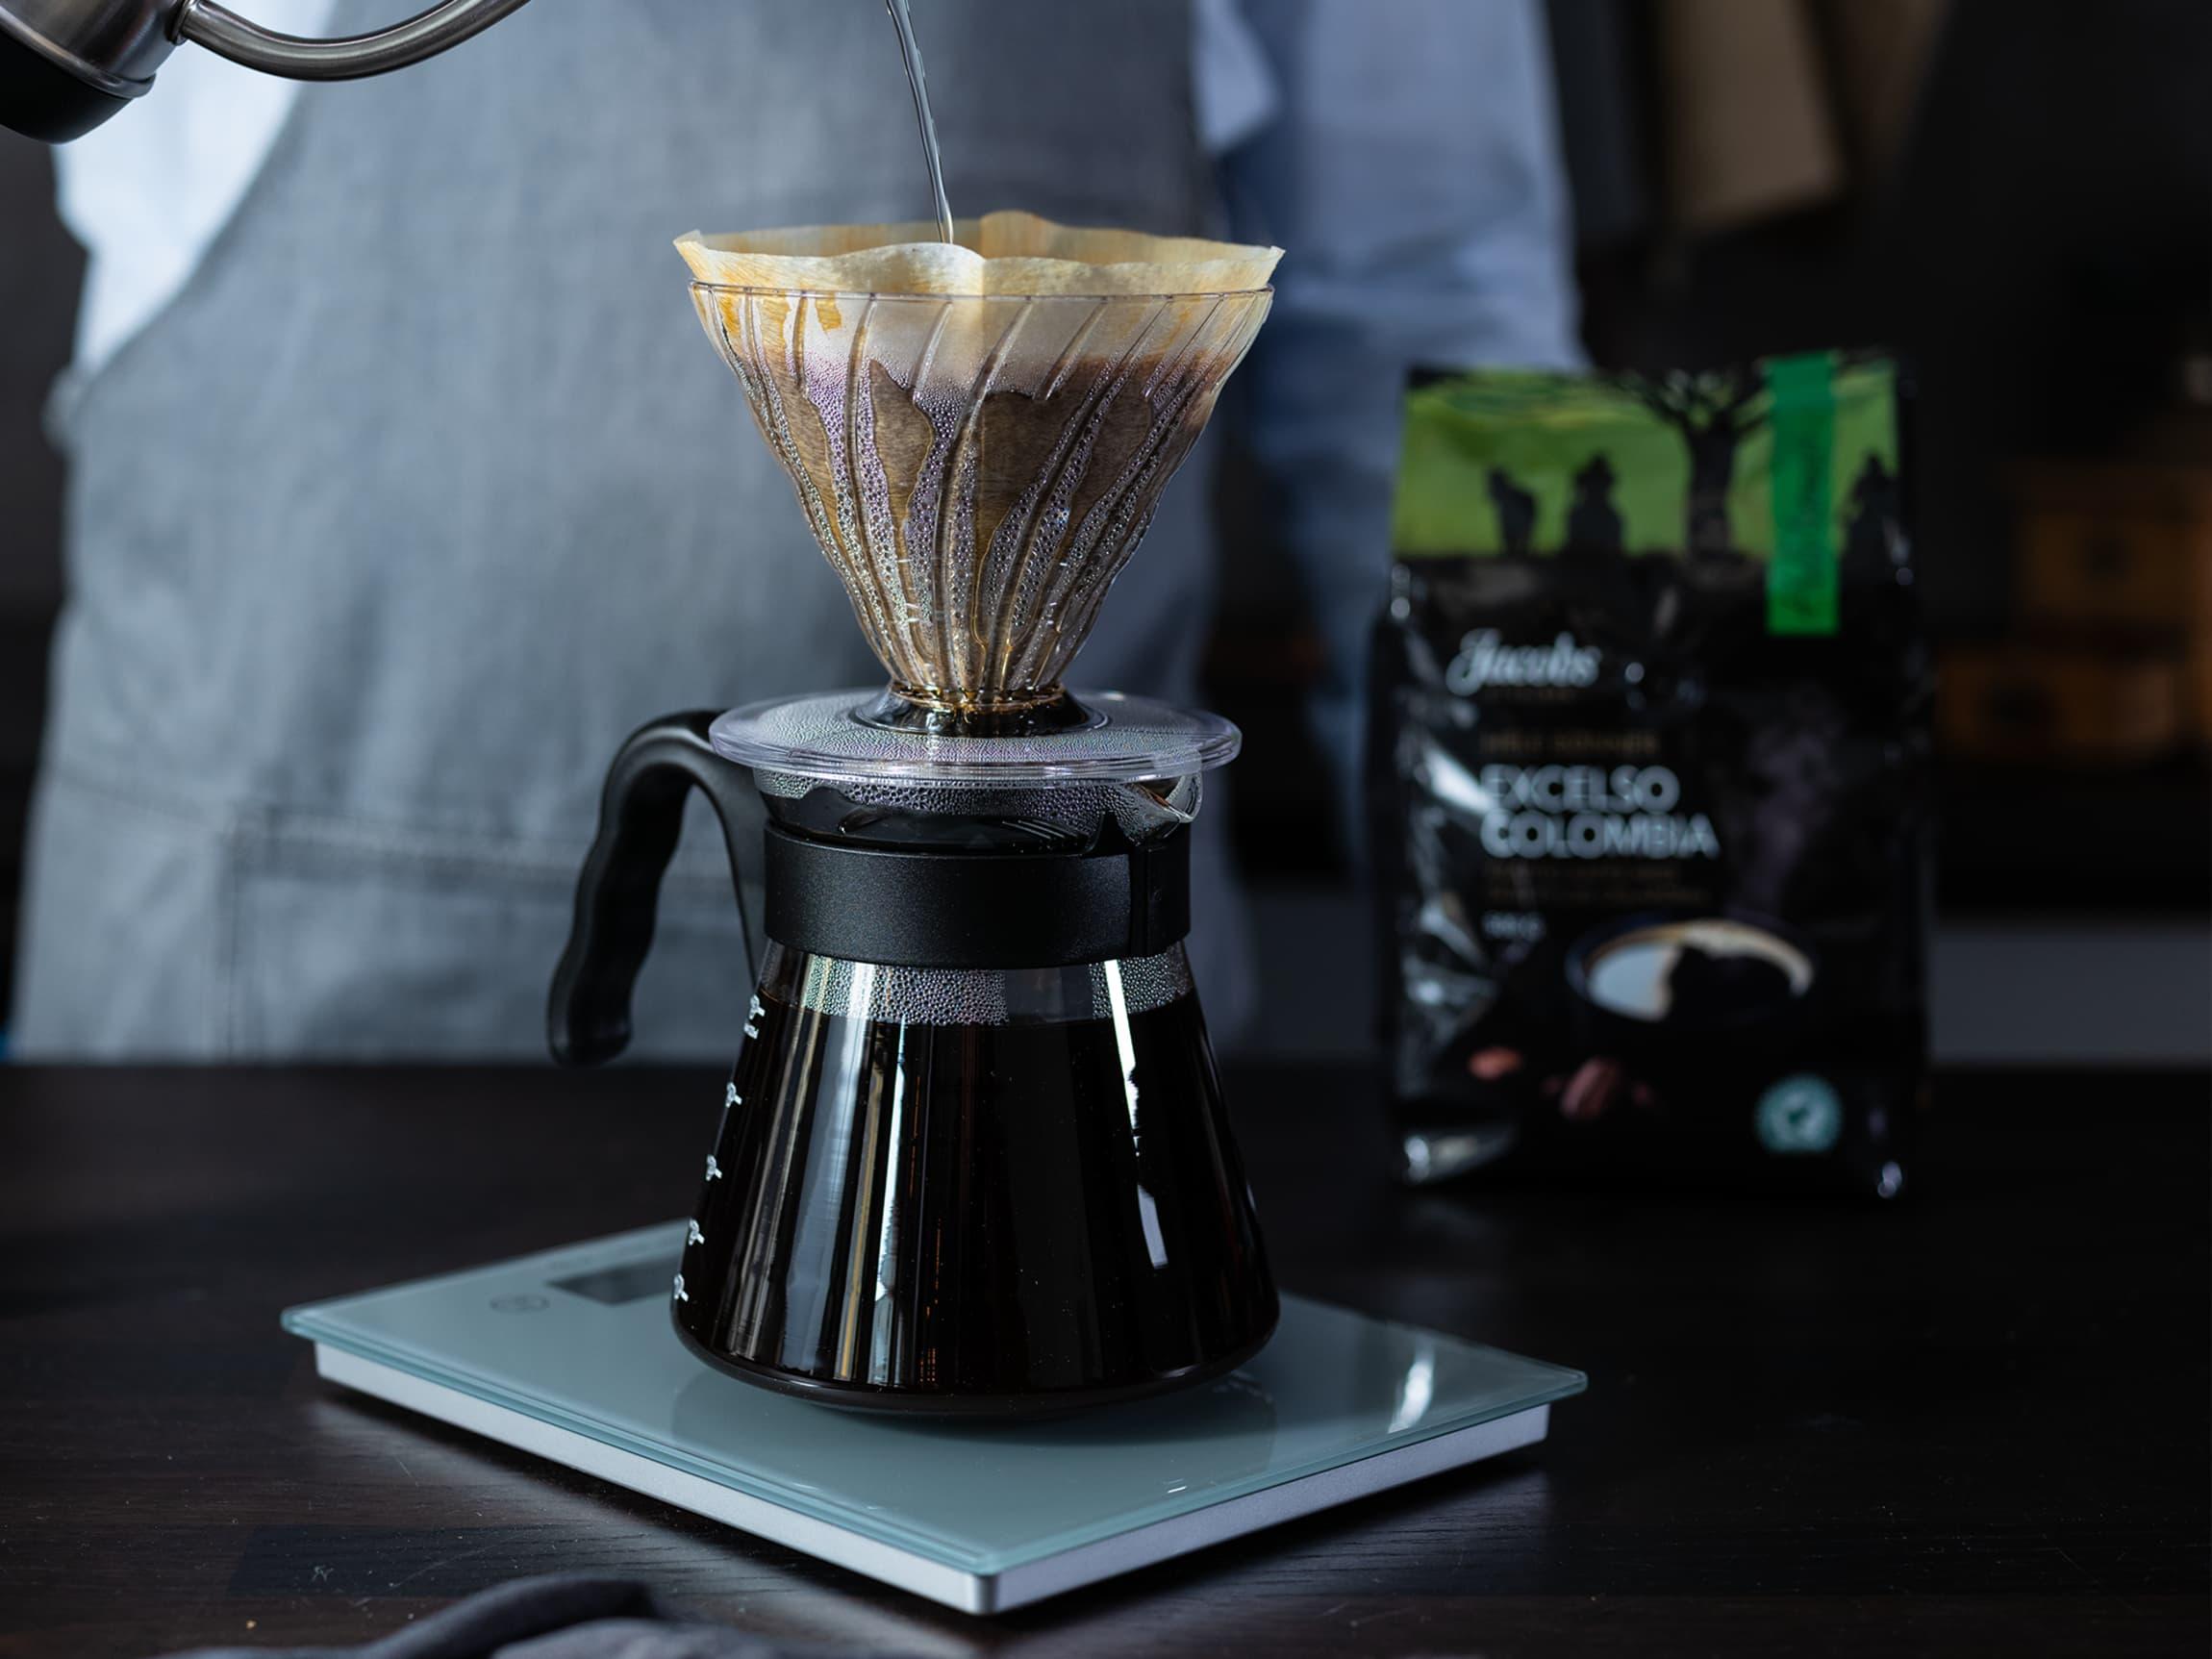 Hvordan du velger å tilberede kaffen og hva slags kaffe og malingsgrad du velger har også noe å si for sluttresultatet.